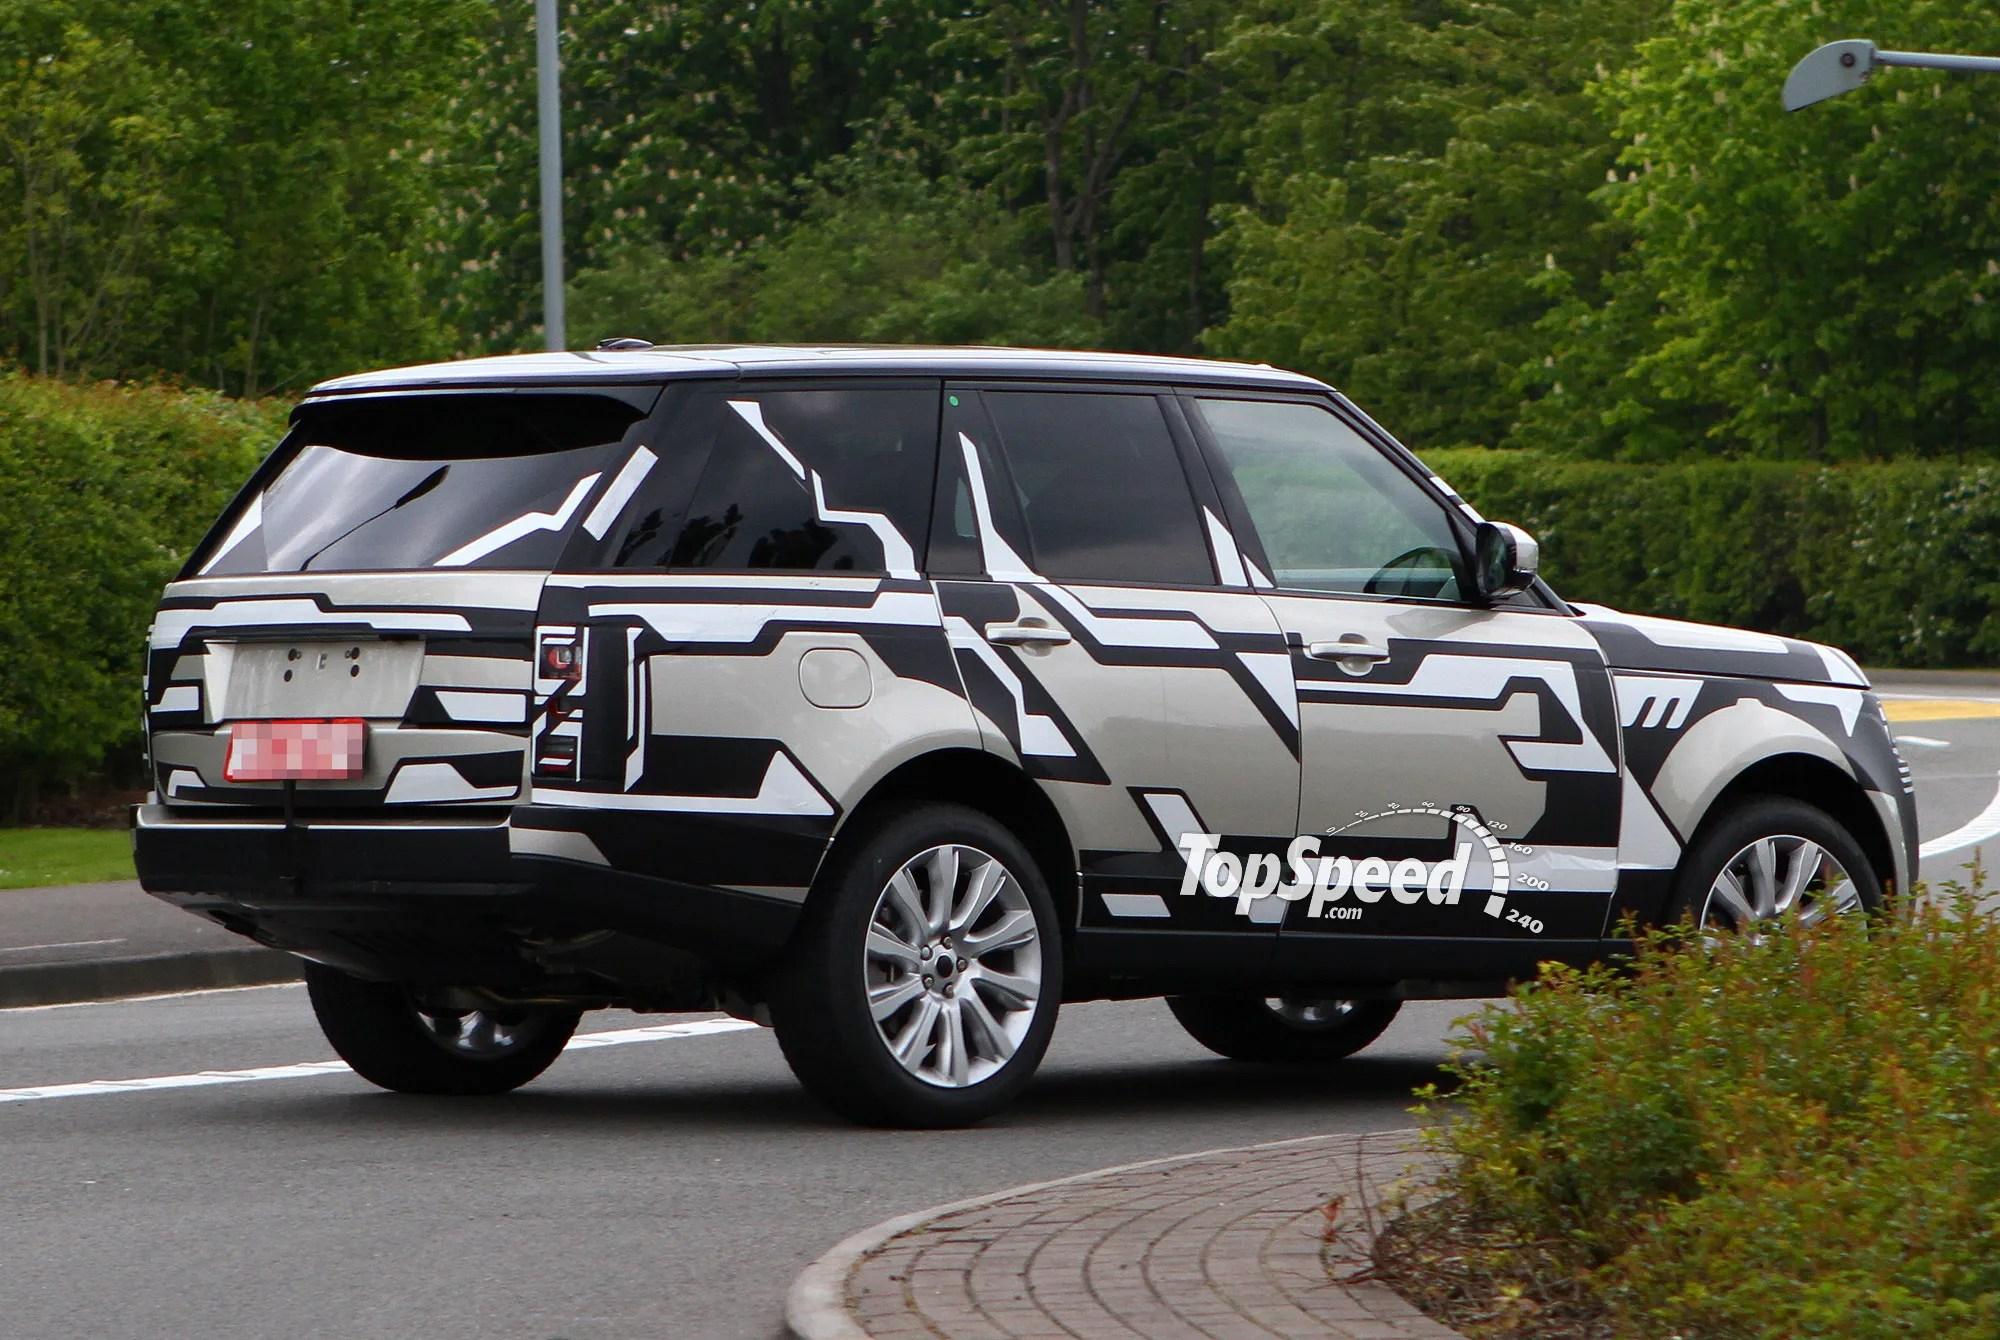 2013 Range Rover Santoniri Black RS 600 Kahn Cosworth By Kahn